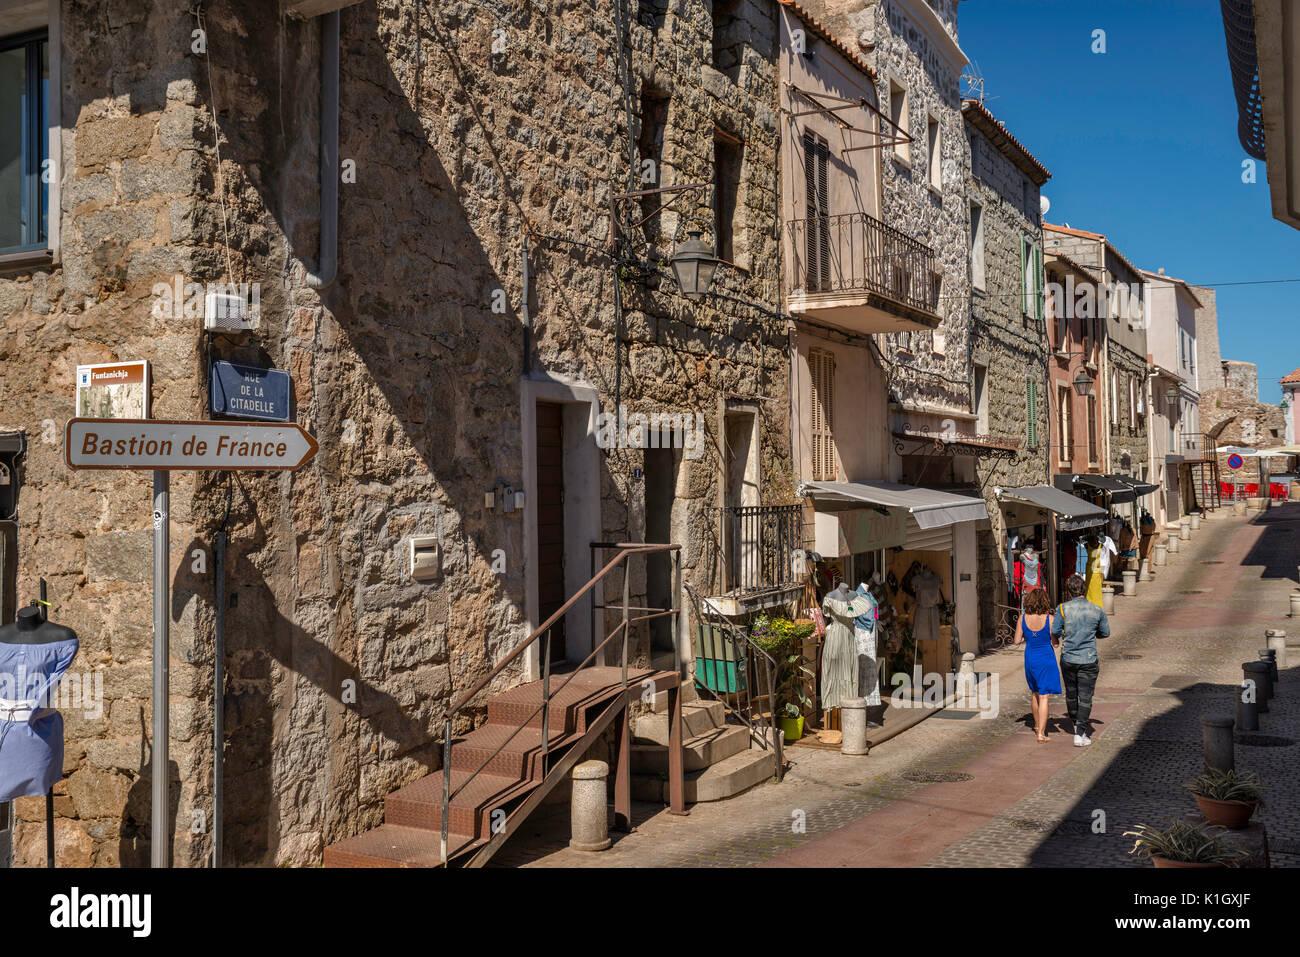 Rue de la Citadelle, città vecchia sezione collinare di Porto-Vecchio, Corsica, Francia Immagini Stock